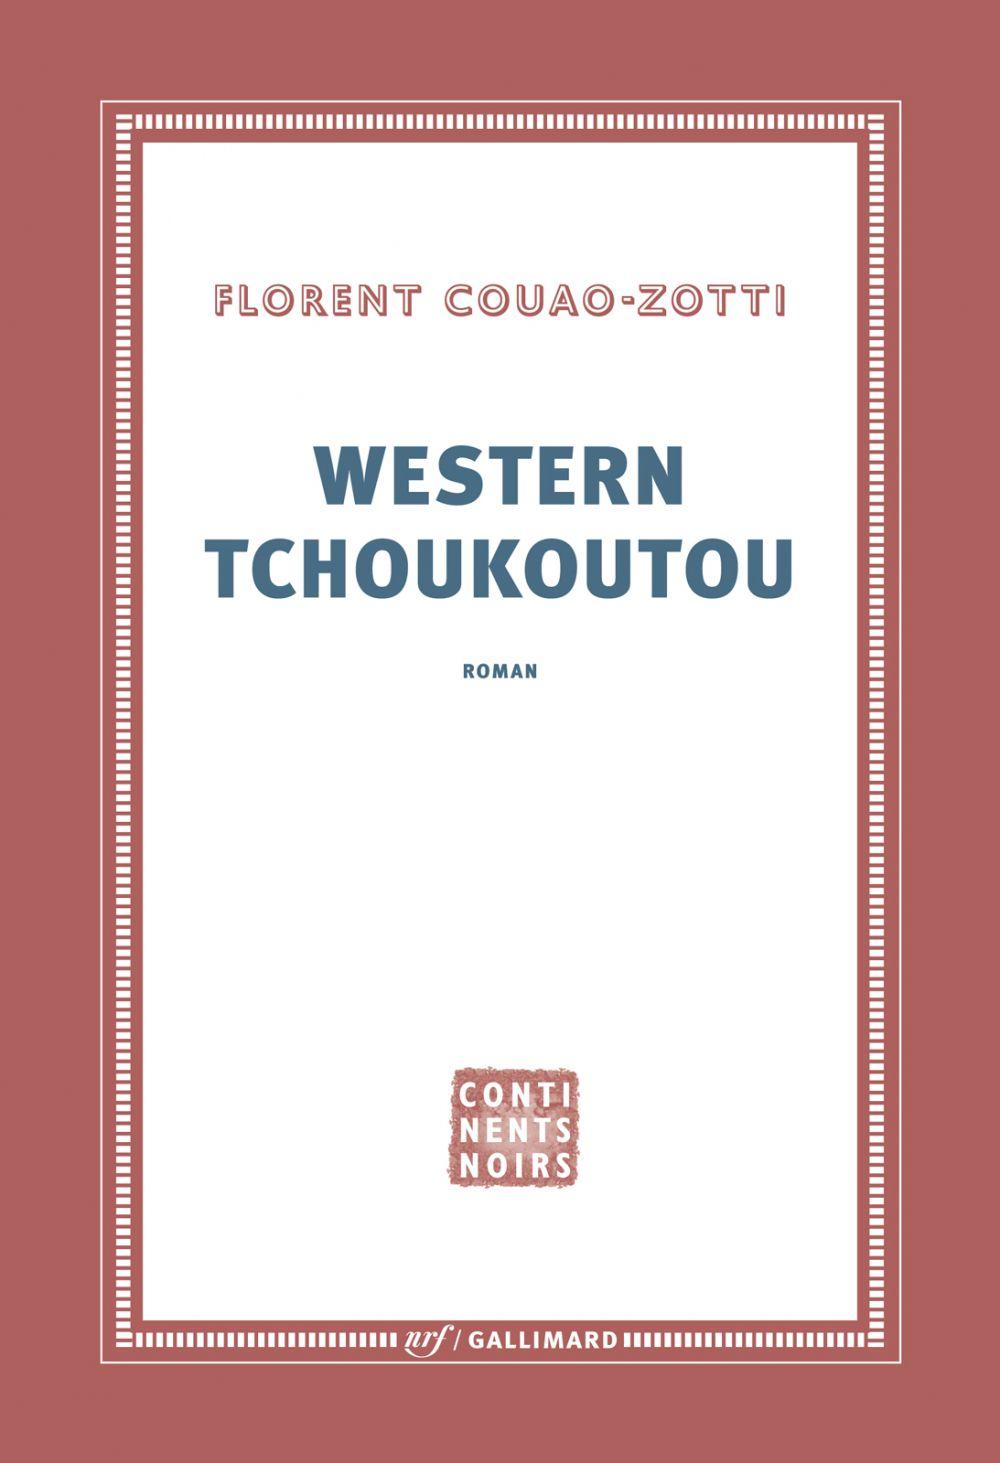 Western tchoukoutou | Couao-Zotti, Florent (1964-....). Auteur